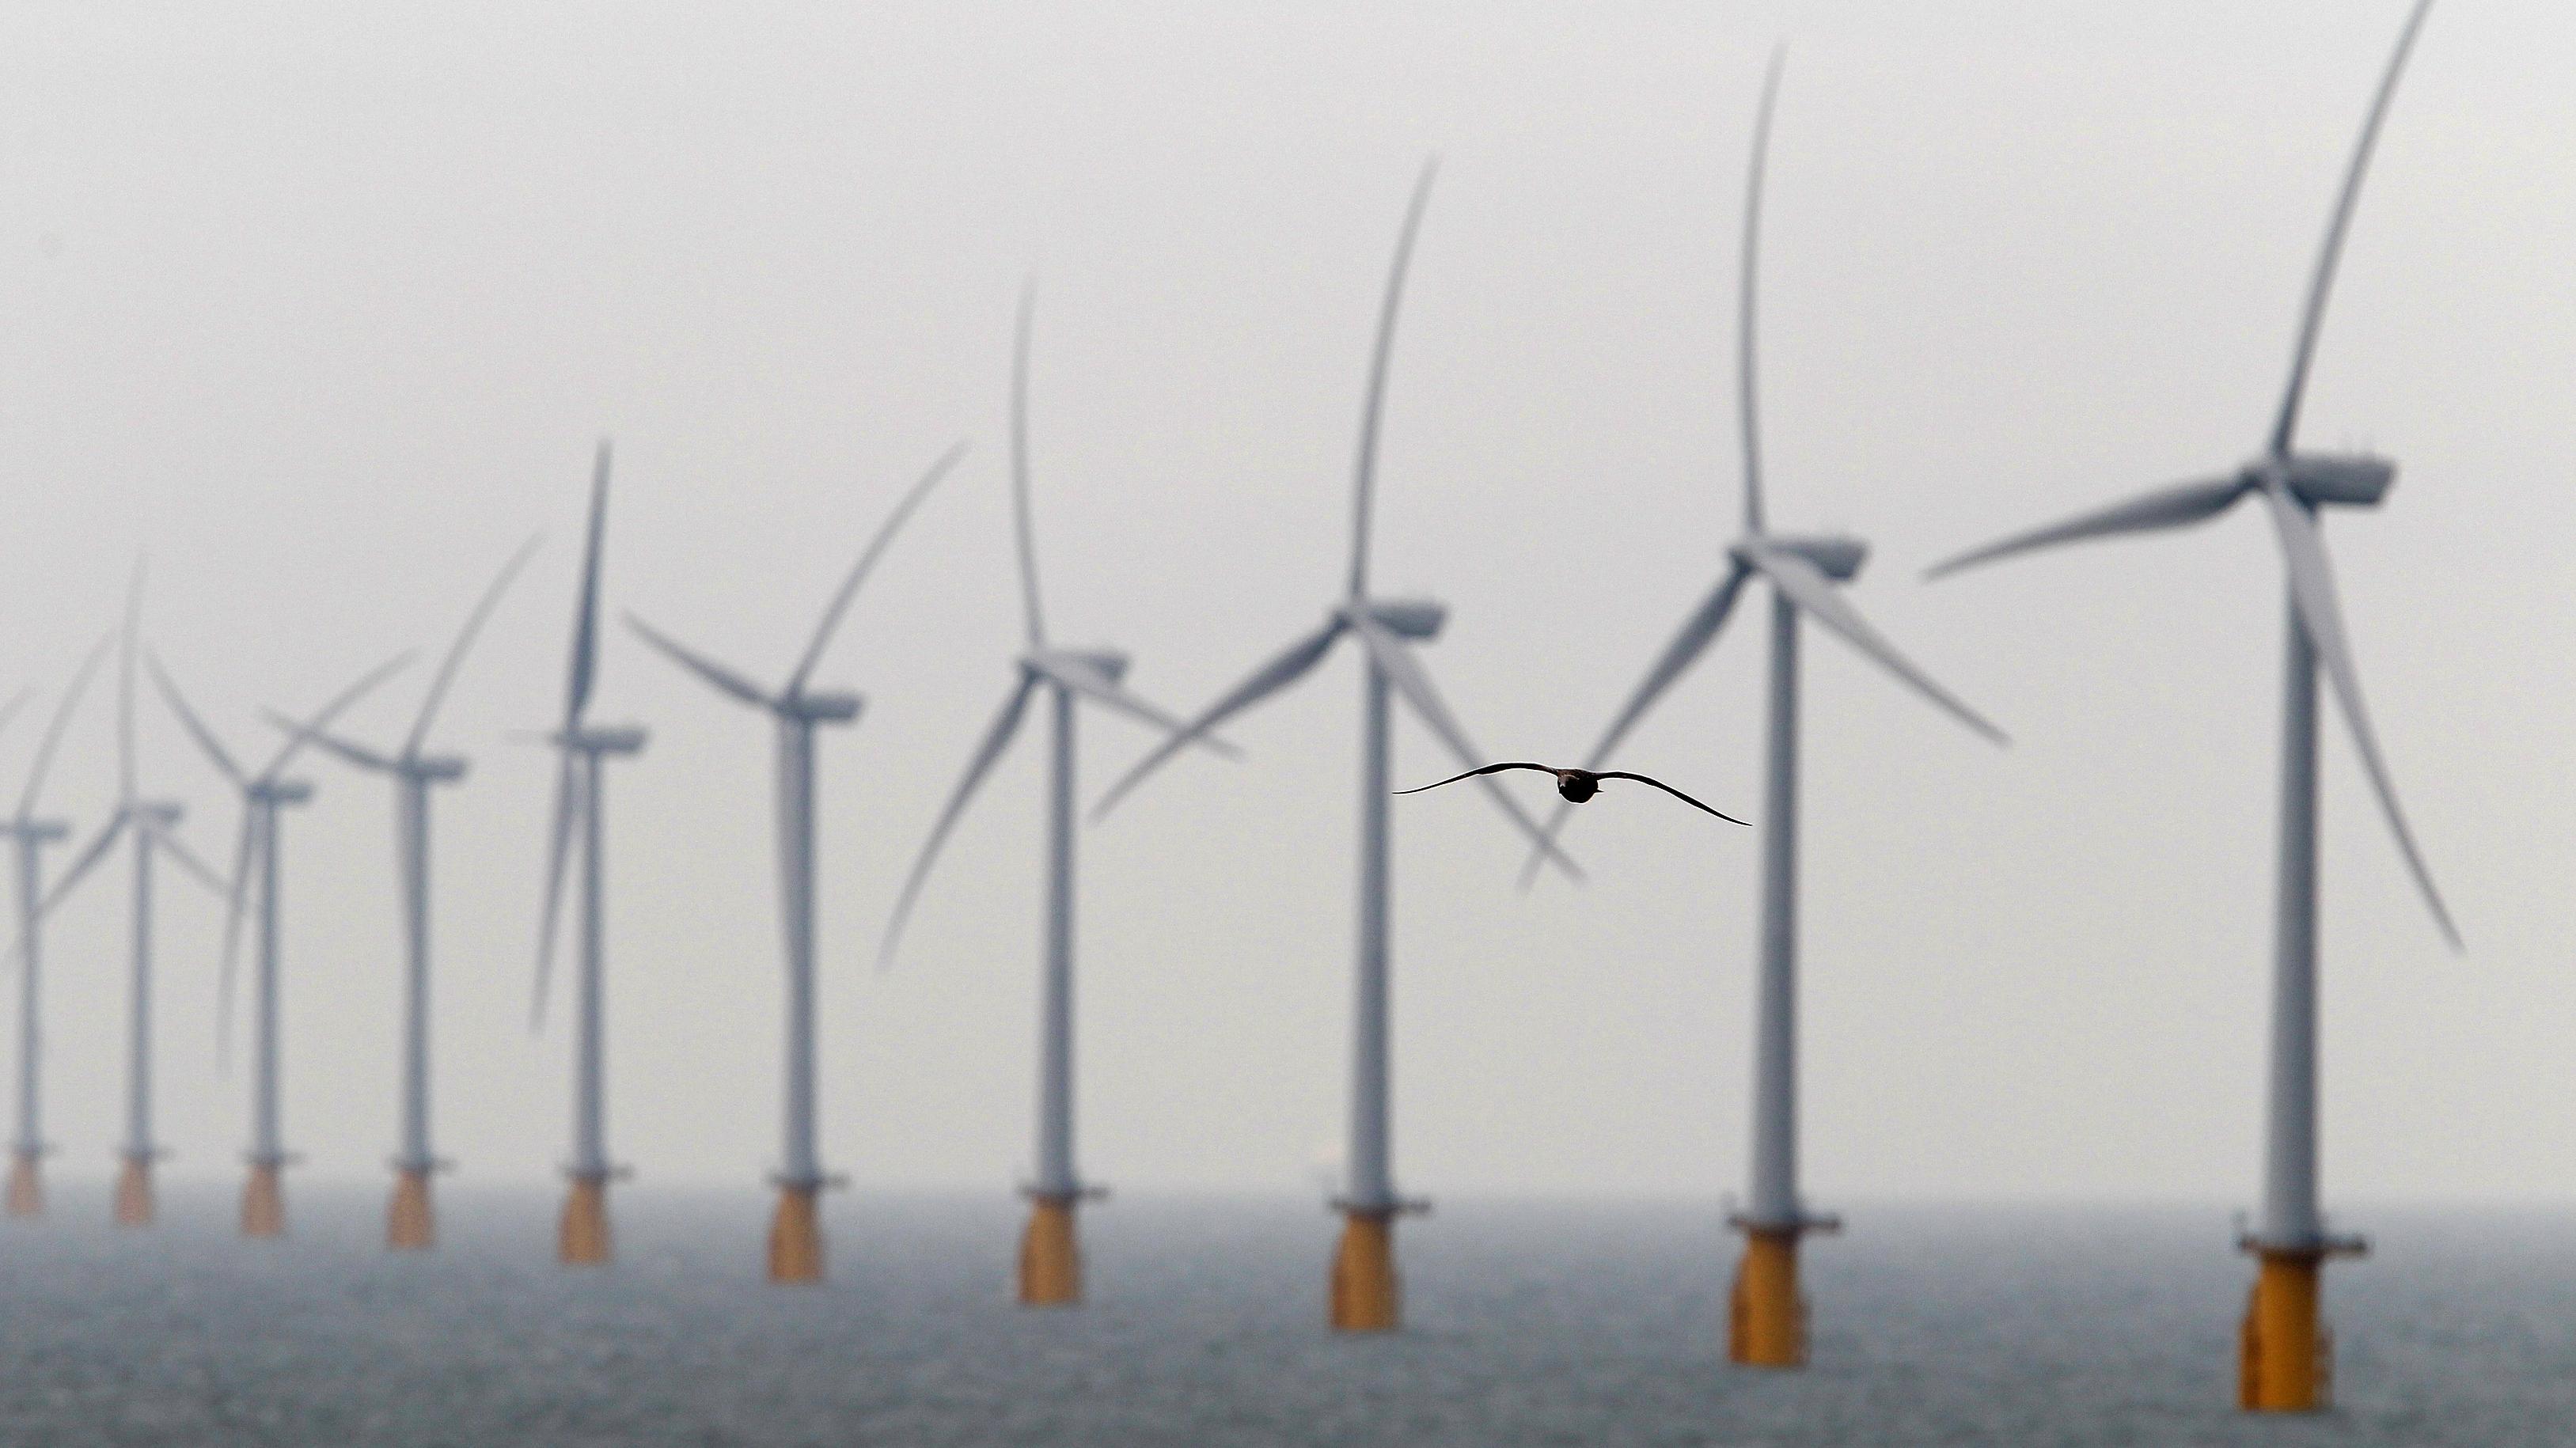 c-wind-RTXSKGM-Stefan Wermuth